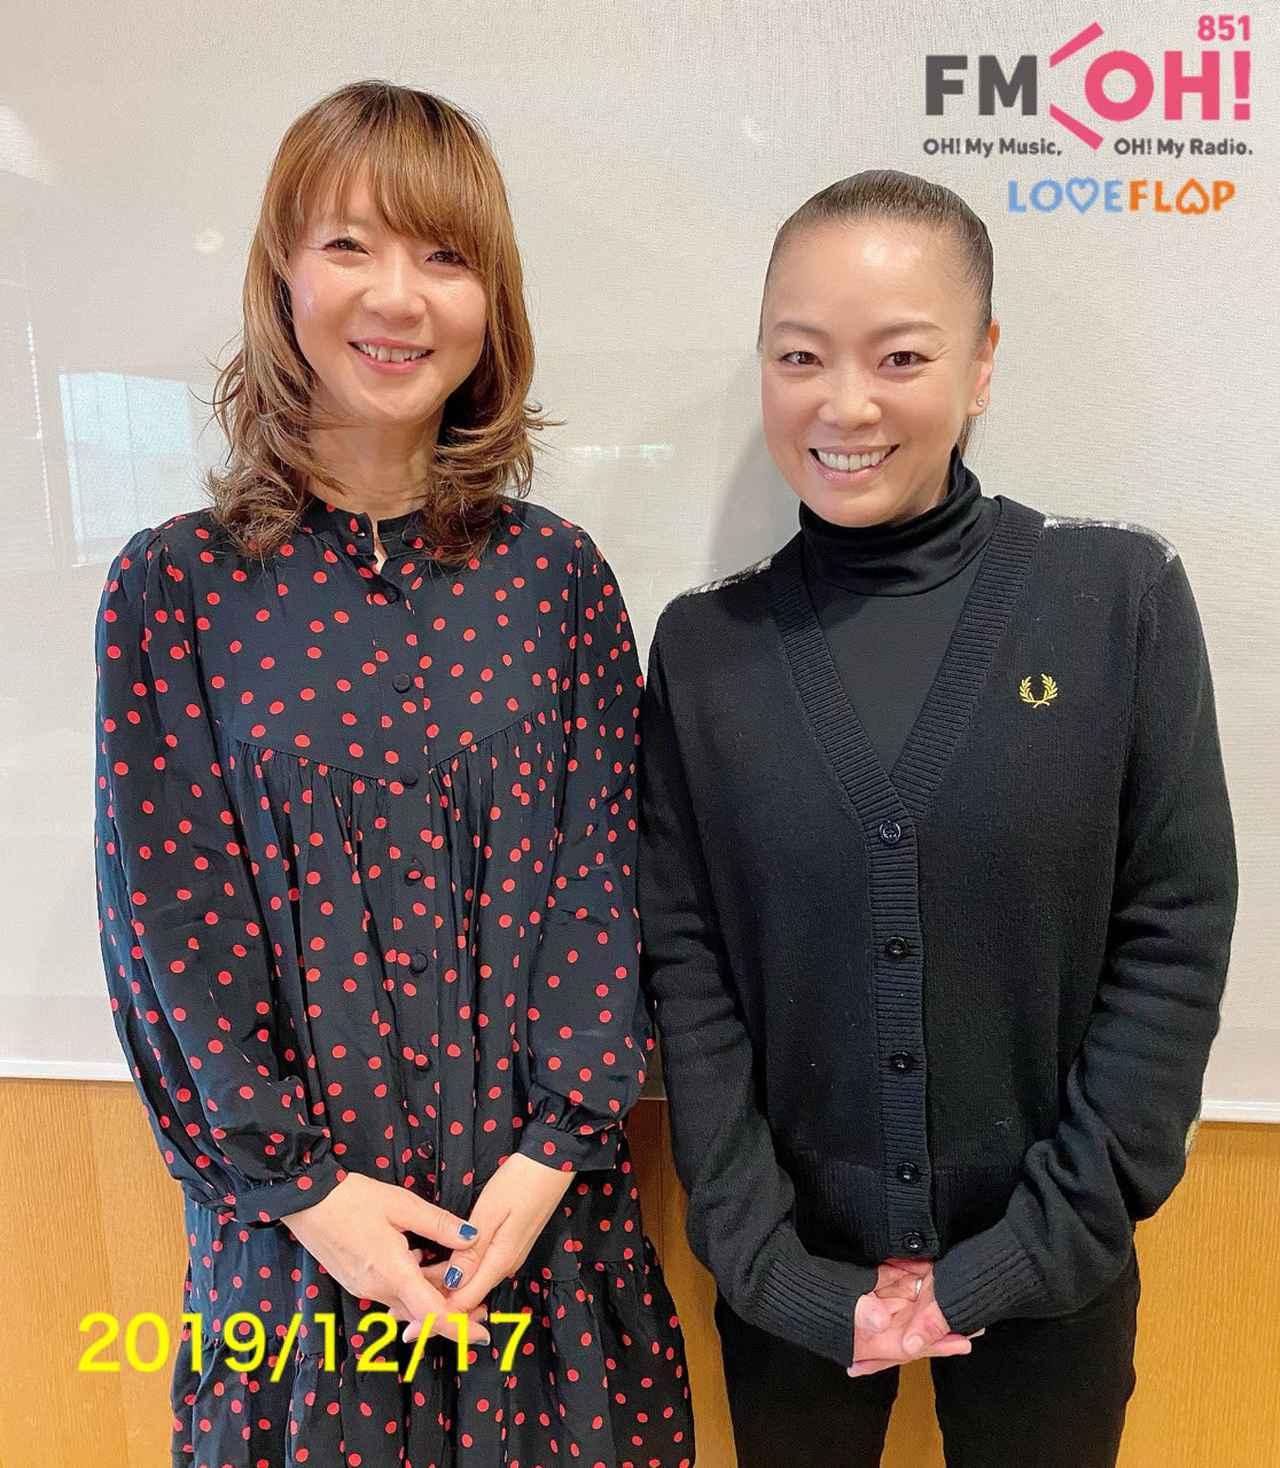 画像: 2019/12/17(火)ゲスト:大西ユカリ さん